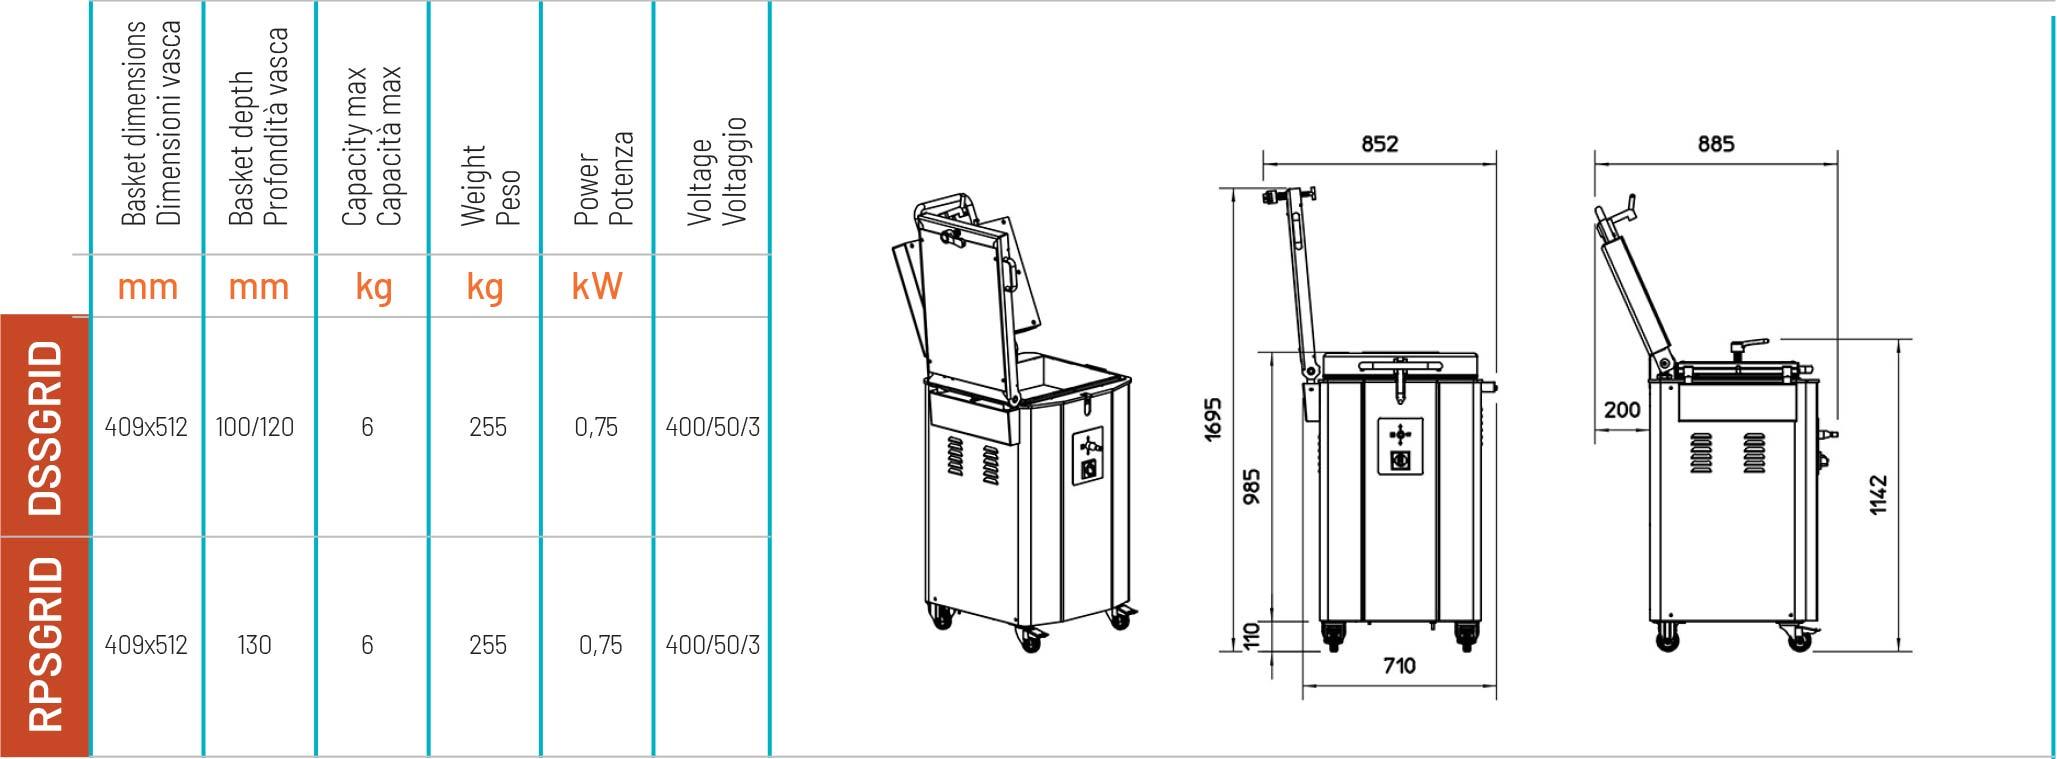 Полуавтоматический тестоделитель для изделий квадратной формы DSS с решетками - технические данные